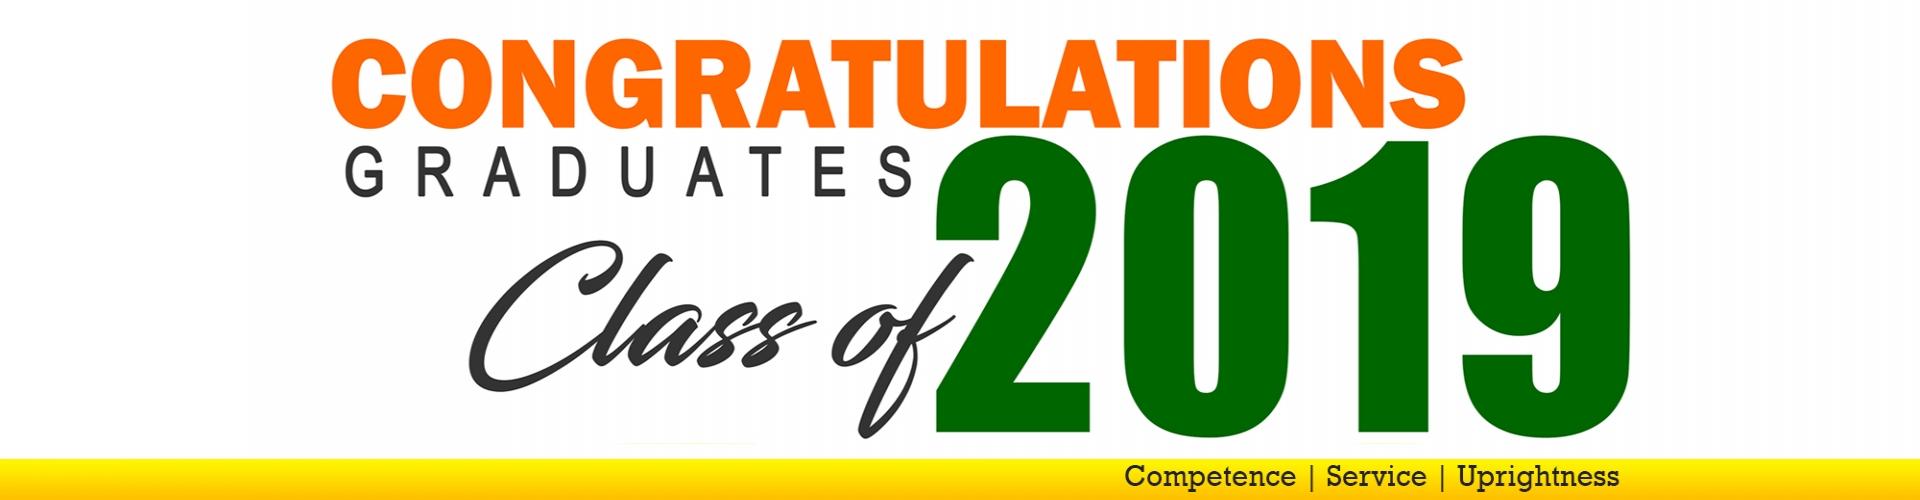 Congratulations graduates class of 2019